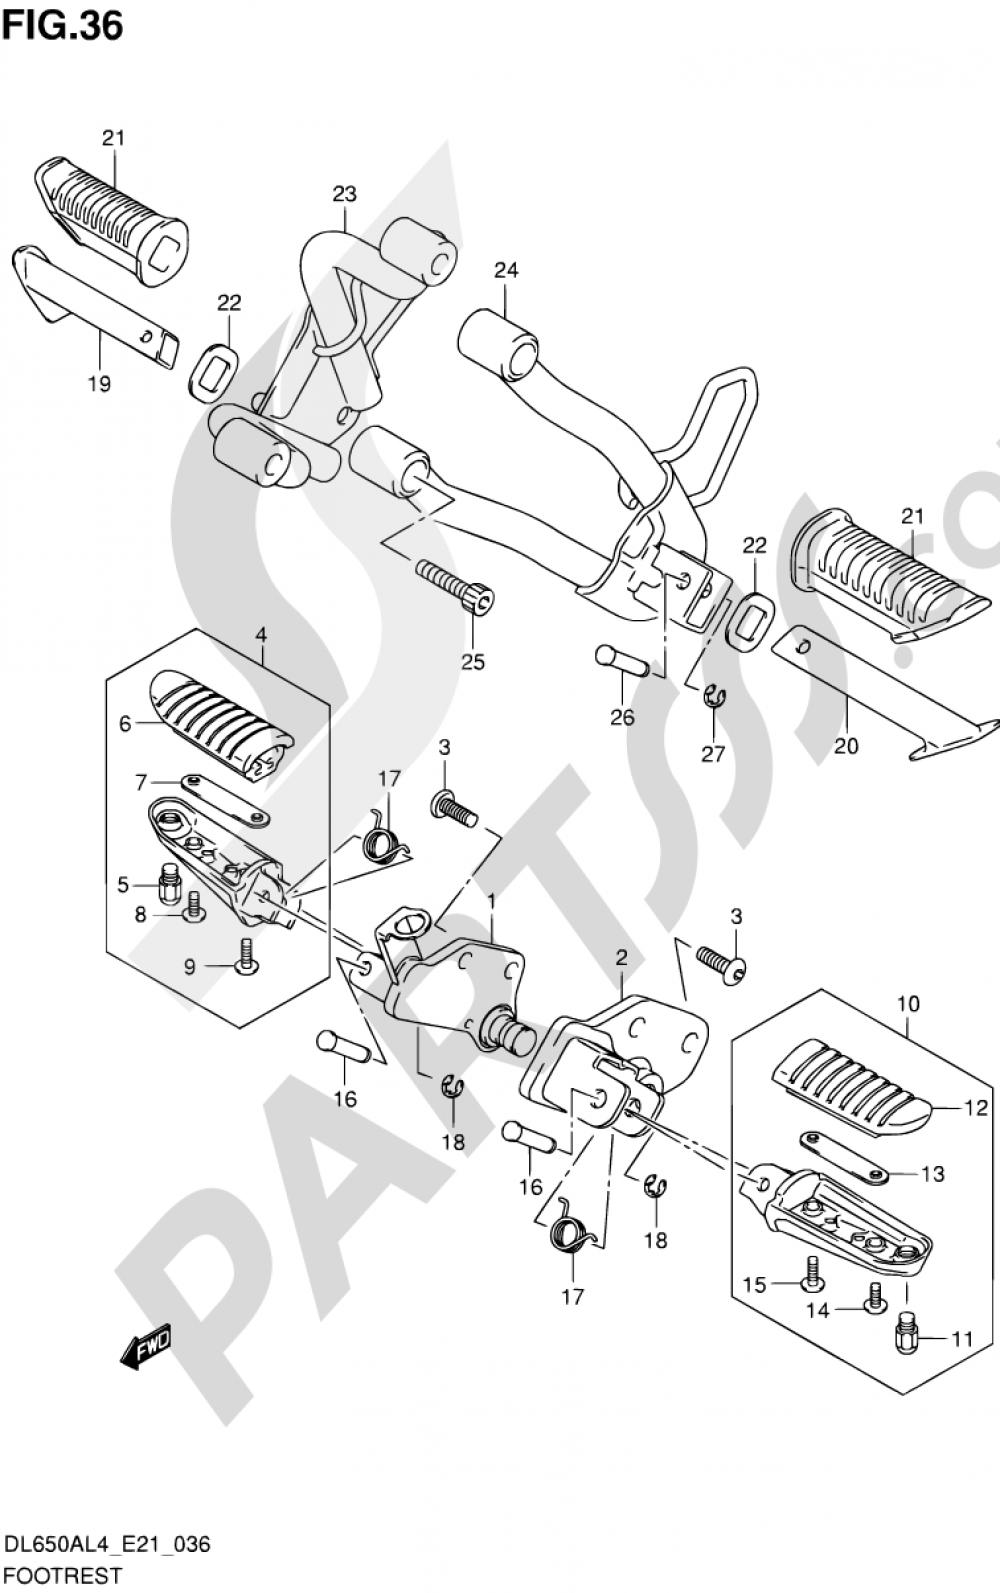 36 - FOOTREST Suzuki VSTROM DL650A 2014